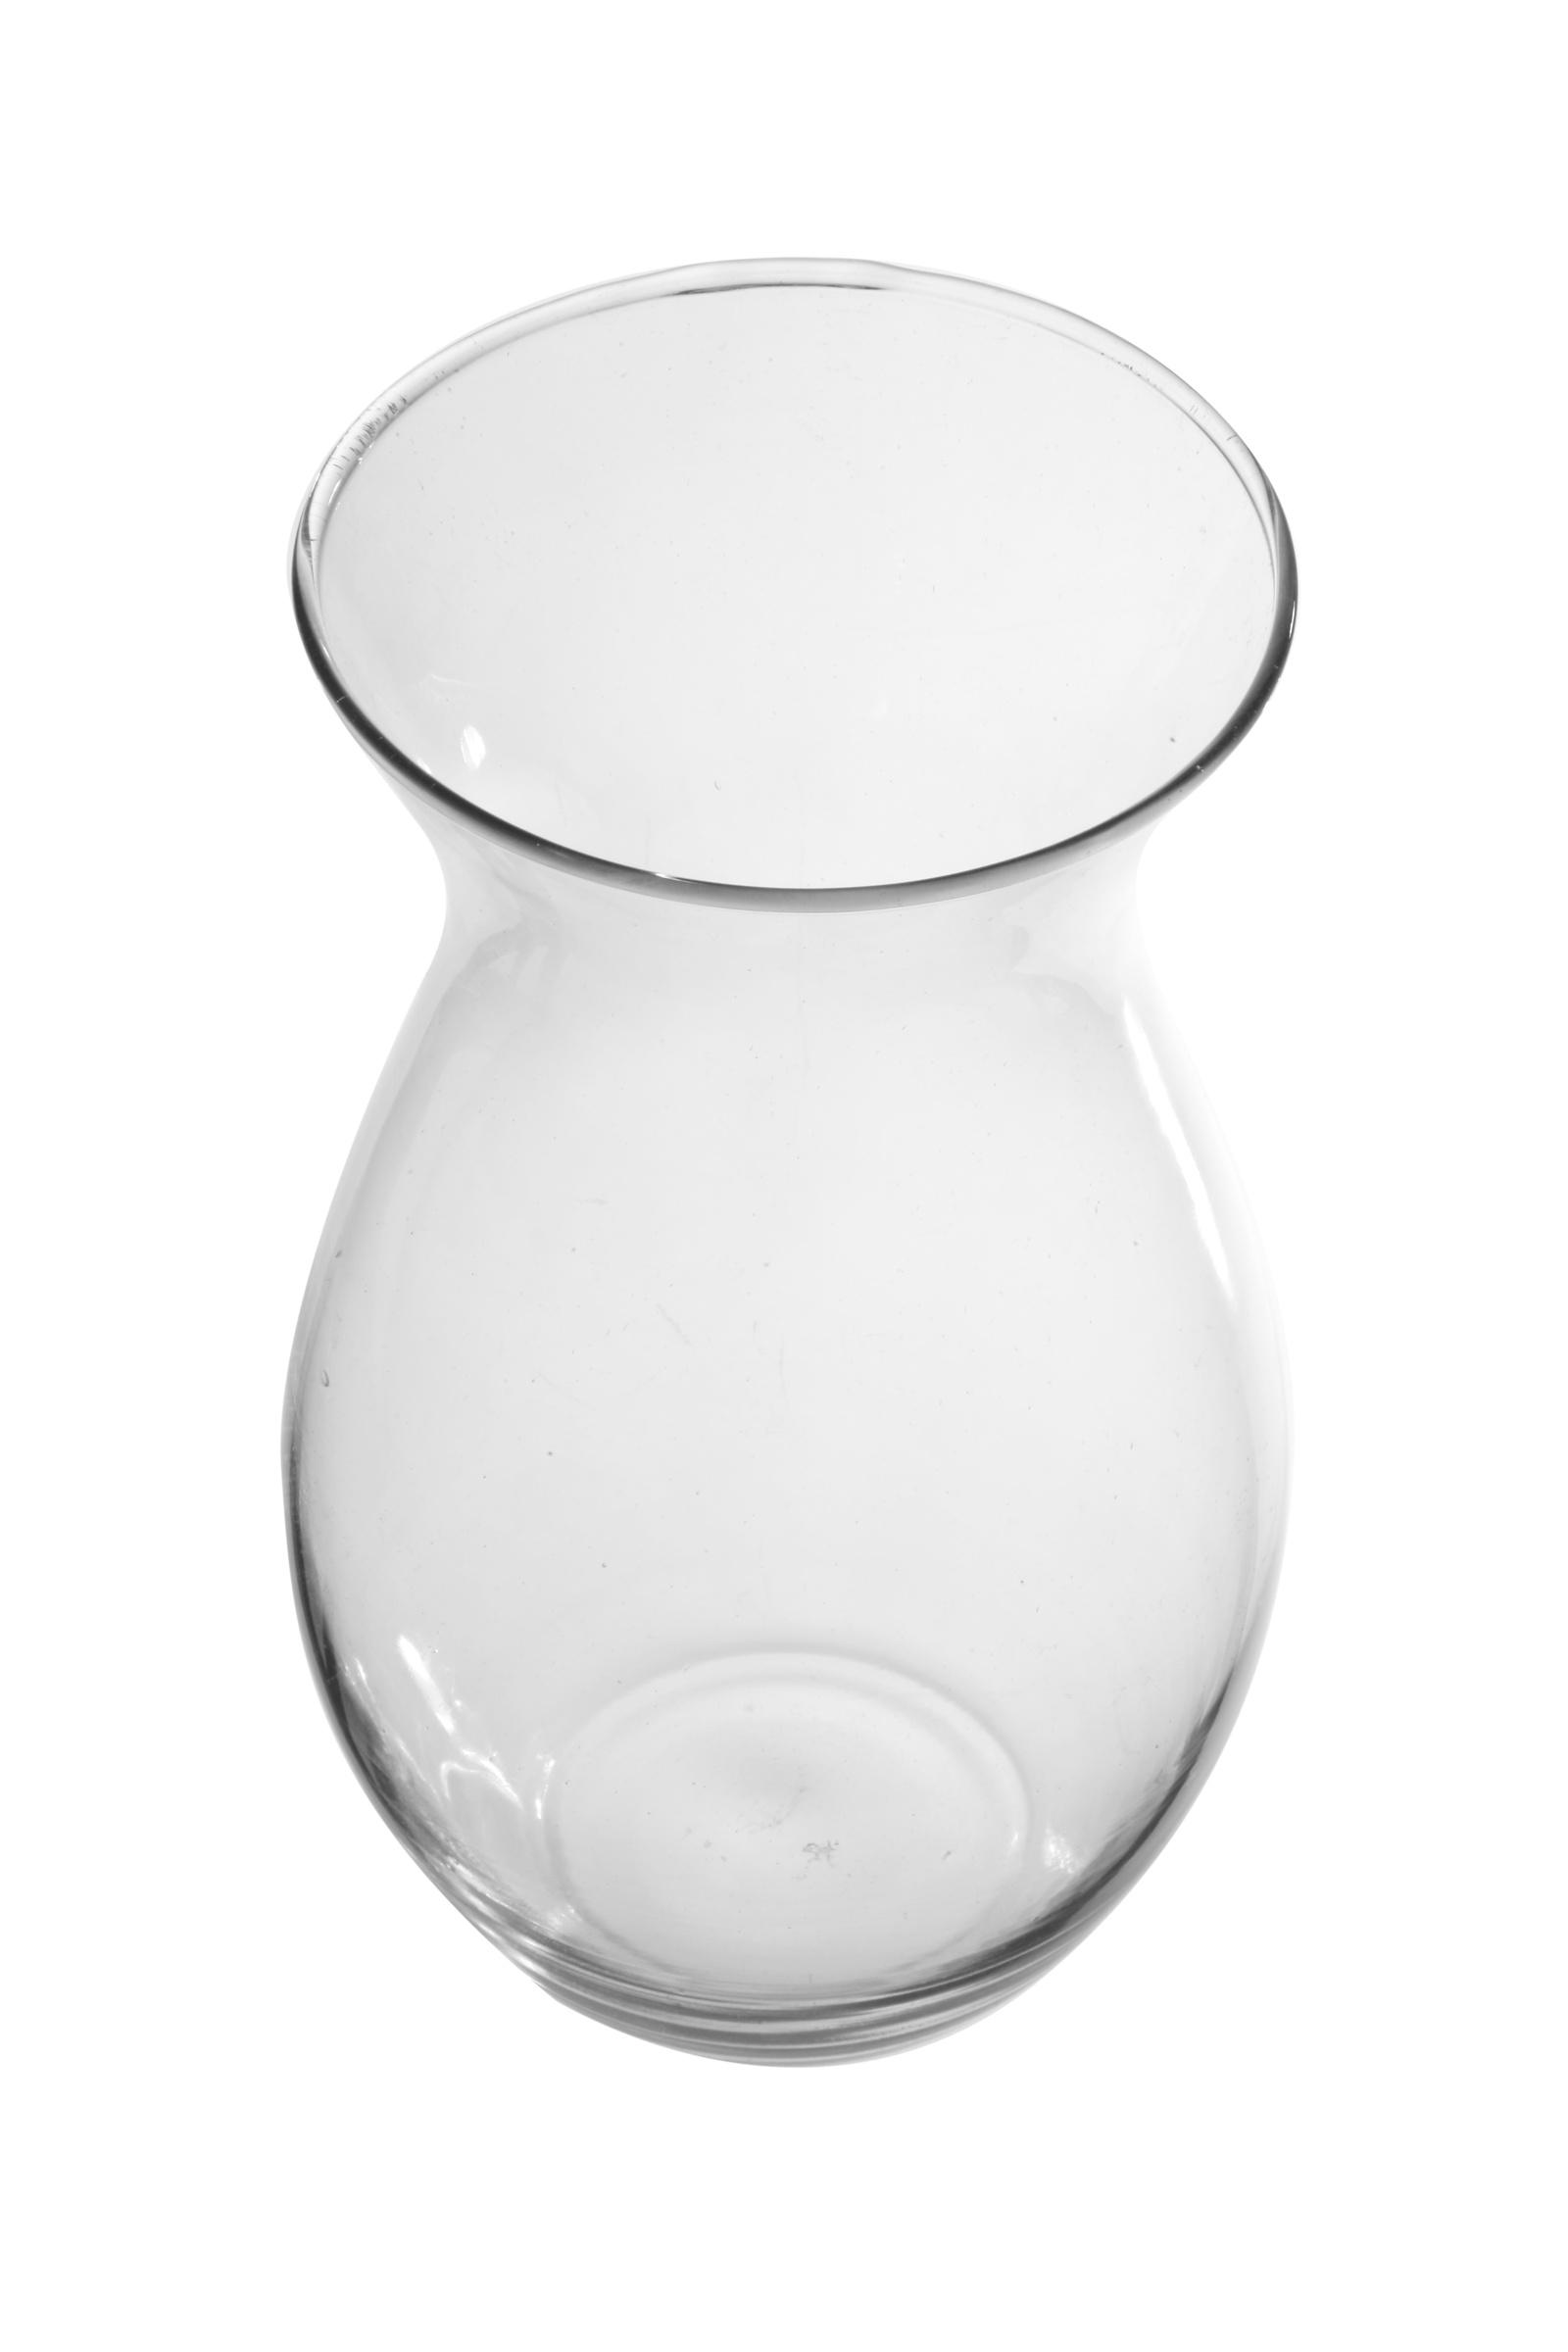 Ваза IsmatDecor Стеклянная ваза, ST-7 прозрачный, прозрачный аромалампа каменная ваза с солнцем 7 5х9 5см sob7260 0 3 кг